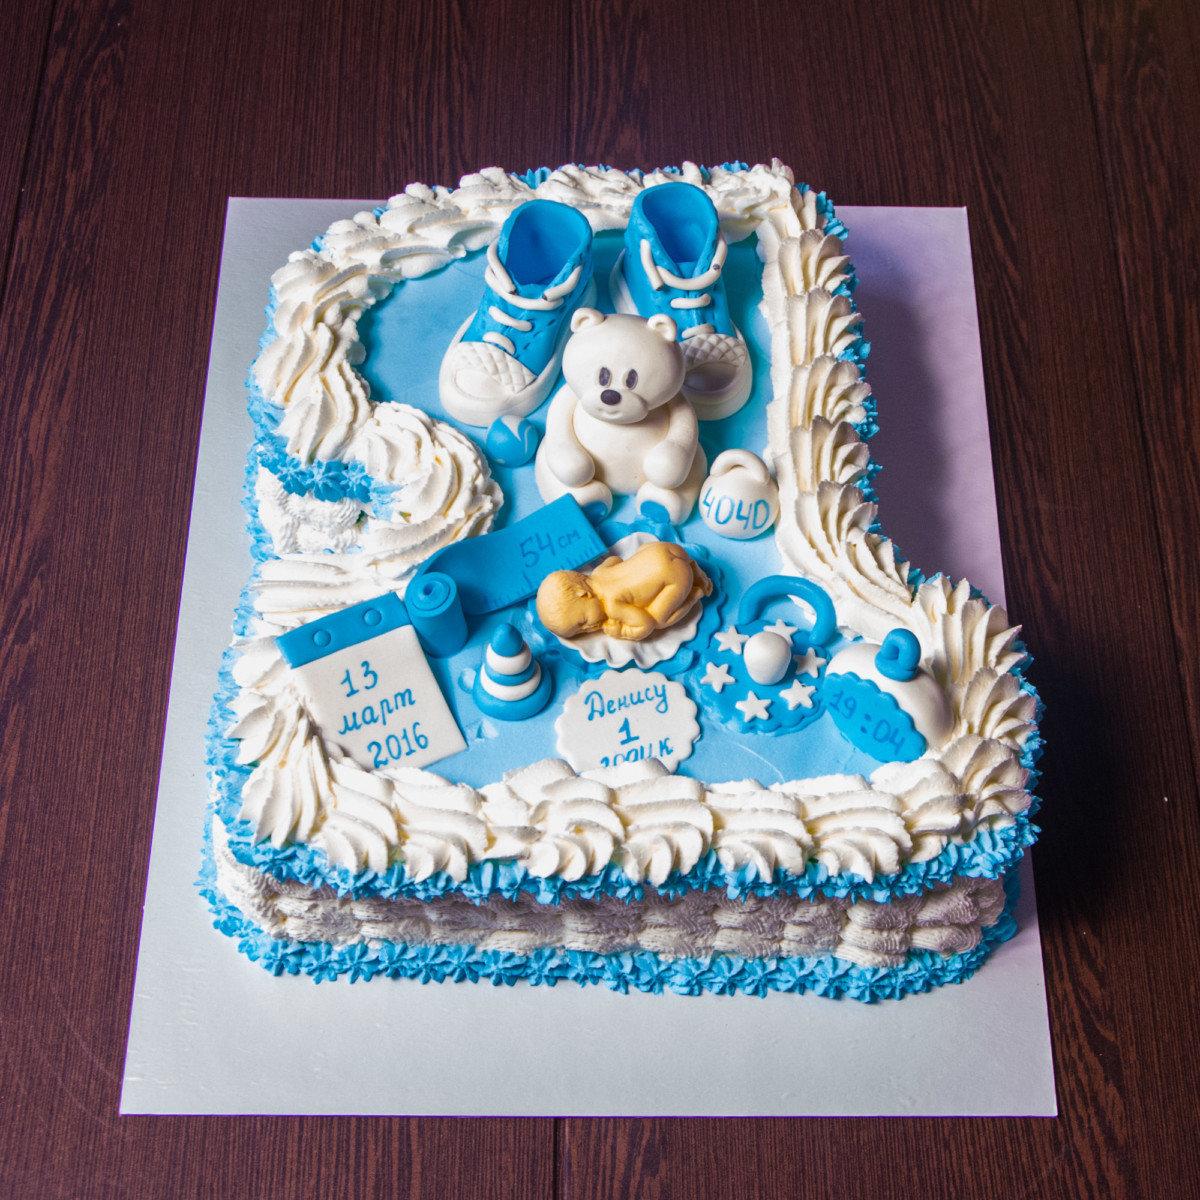 Открытку днем, картинка на годик мальчику на торт